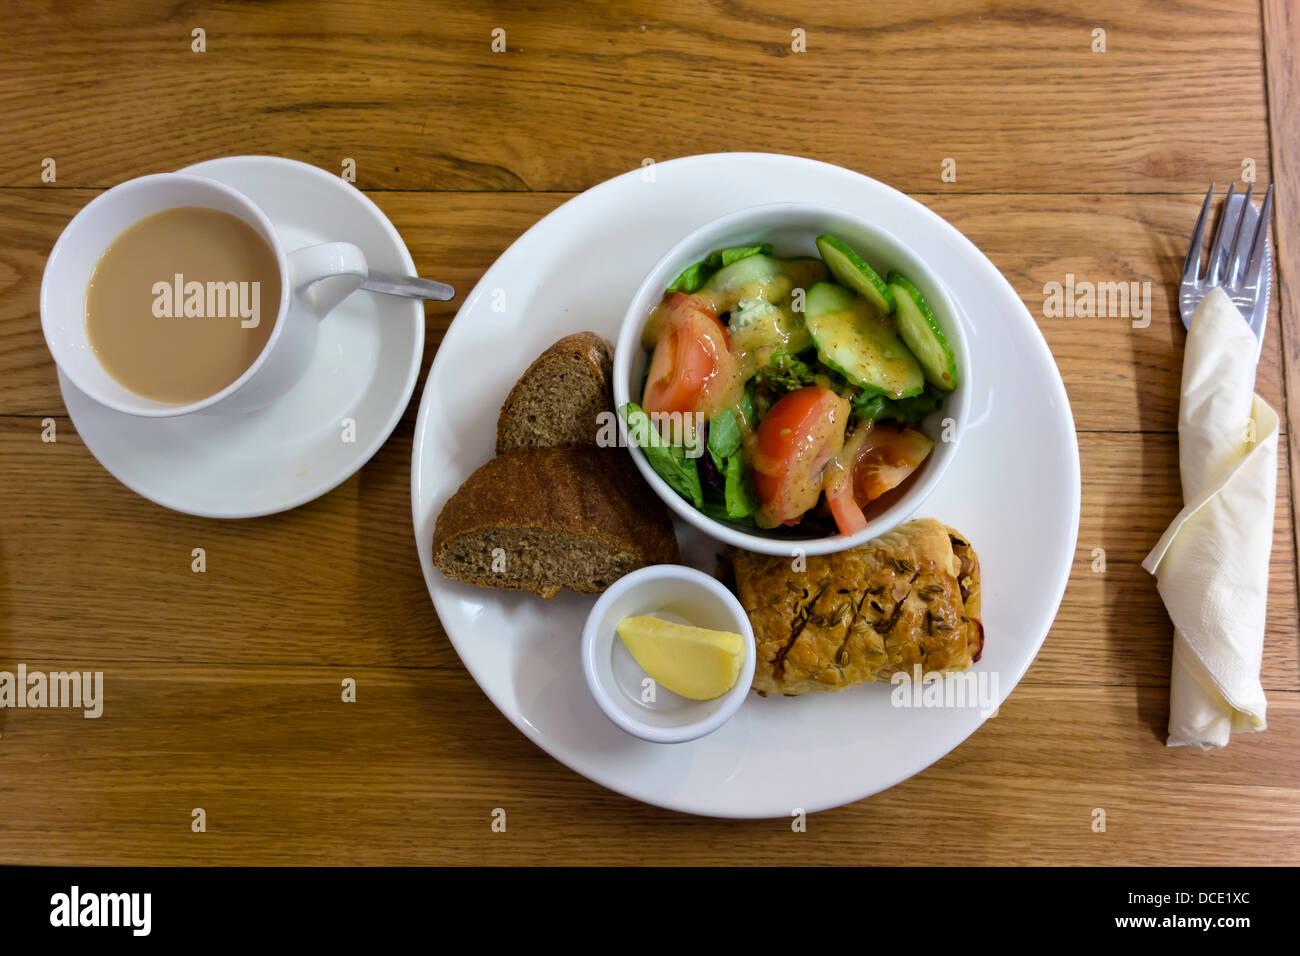 Saucisse de bistro pour le déjeuner salade assaisonnée pain artisanal beurre et plateau Photo Stock